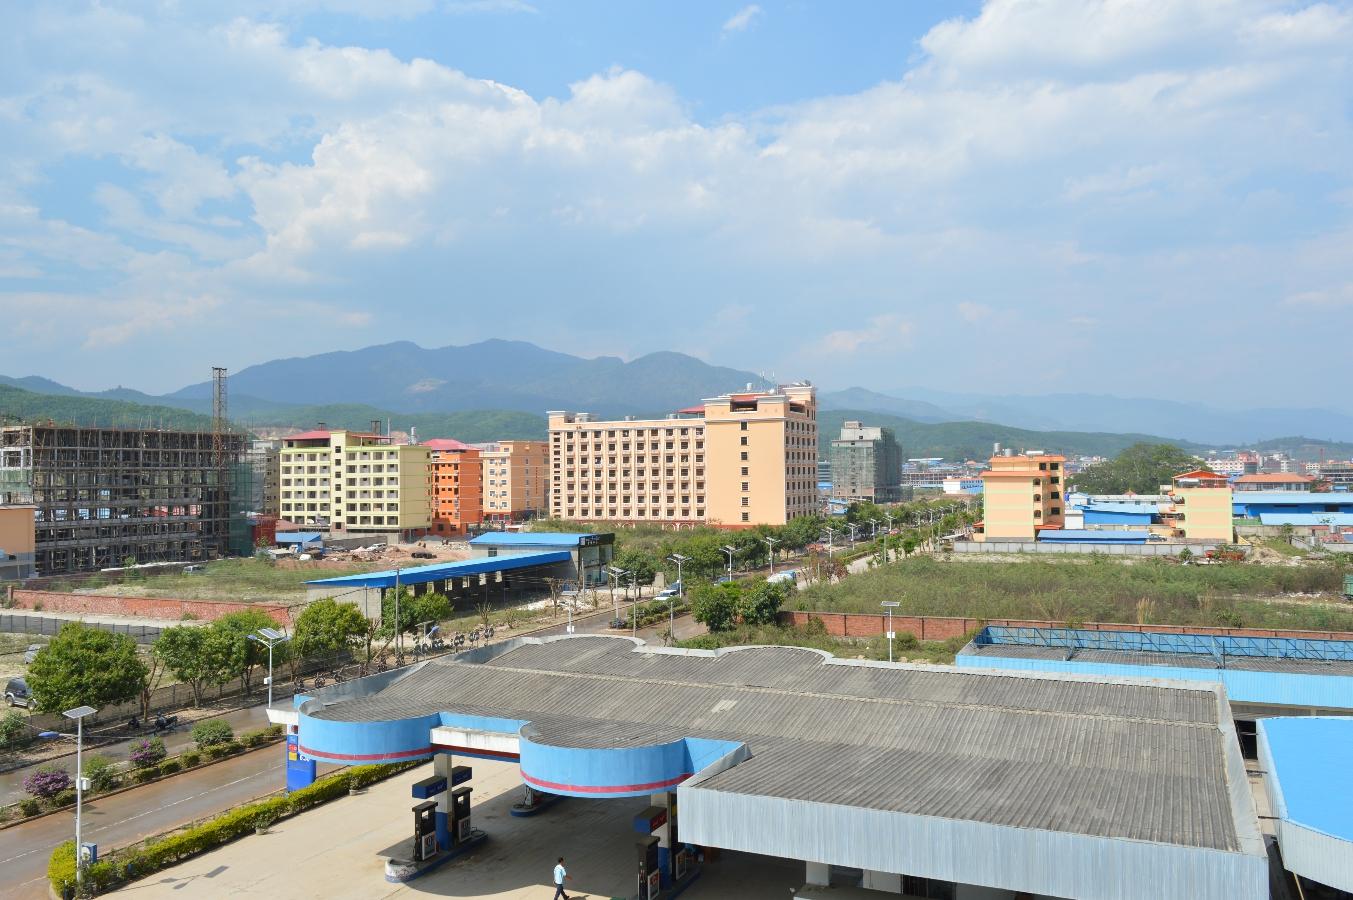 Blcik vom Dach unseres Hotels über Mongla. Die Berge hinter der Stadt gehören schon zu China.